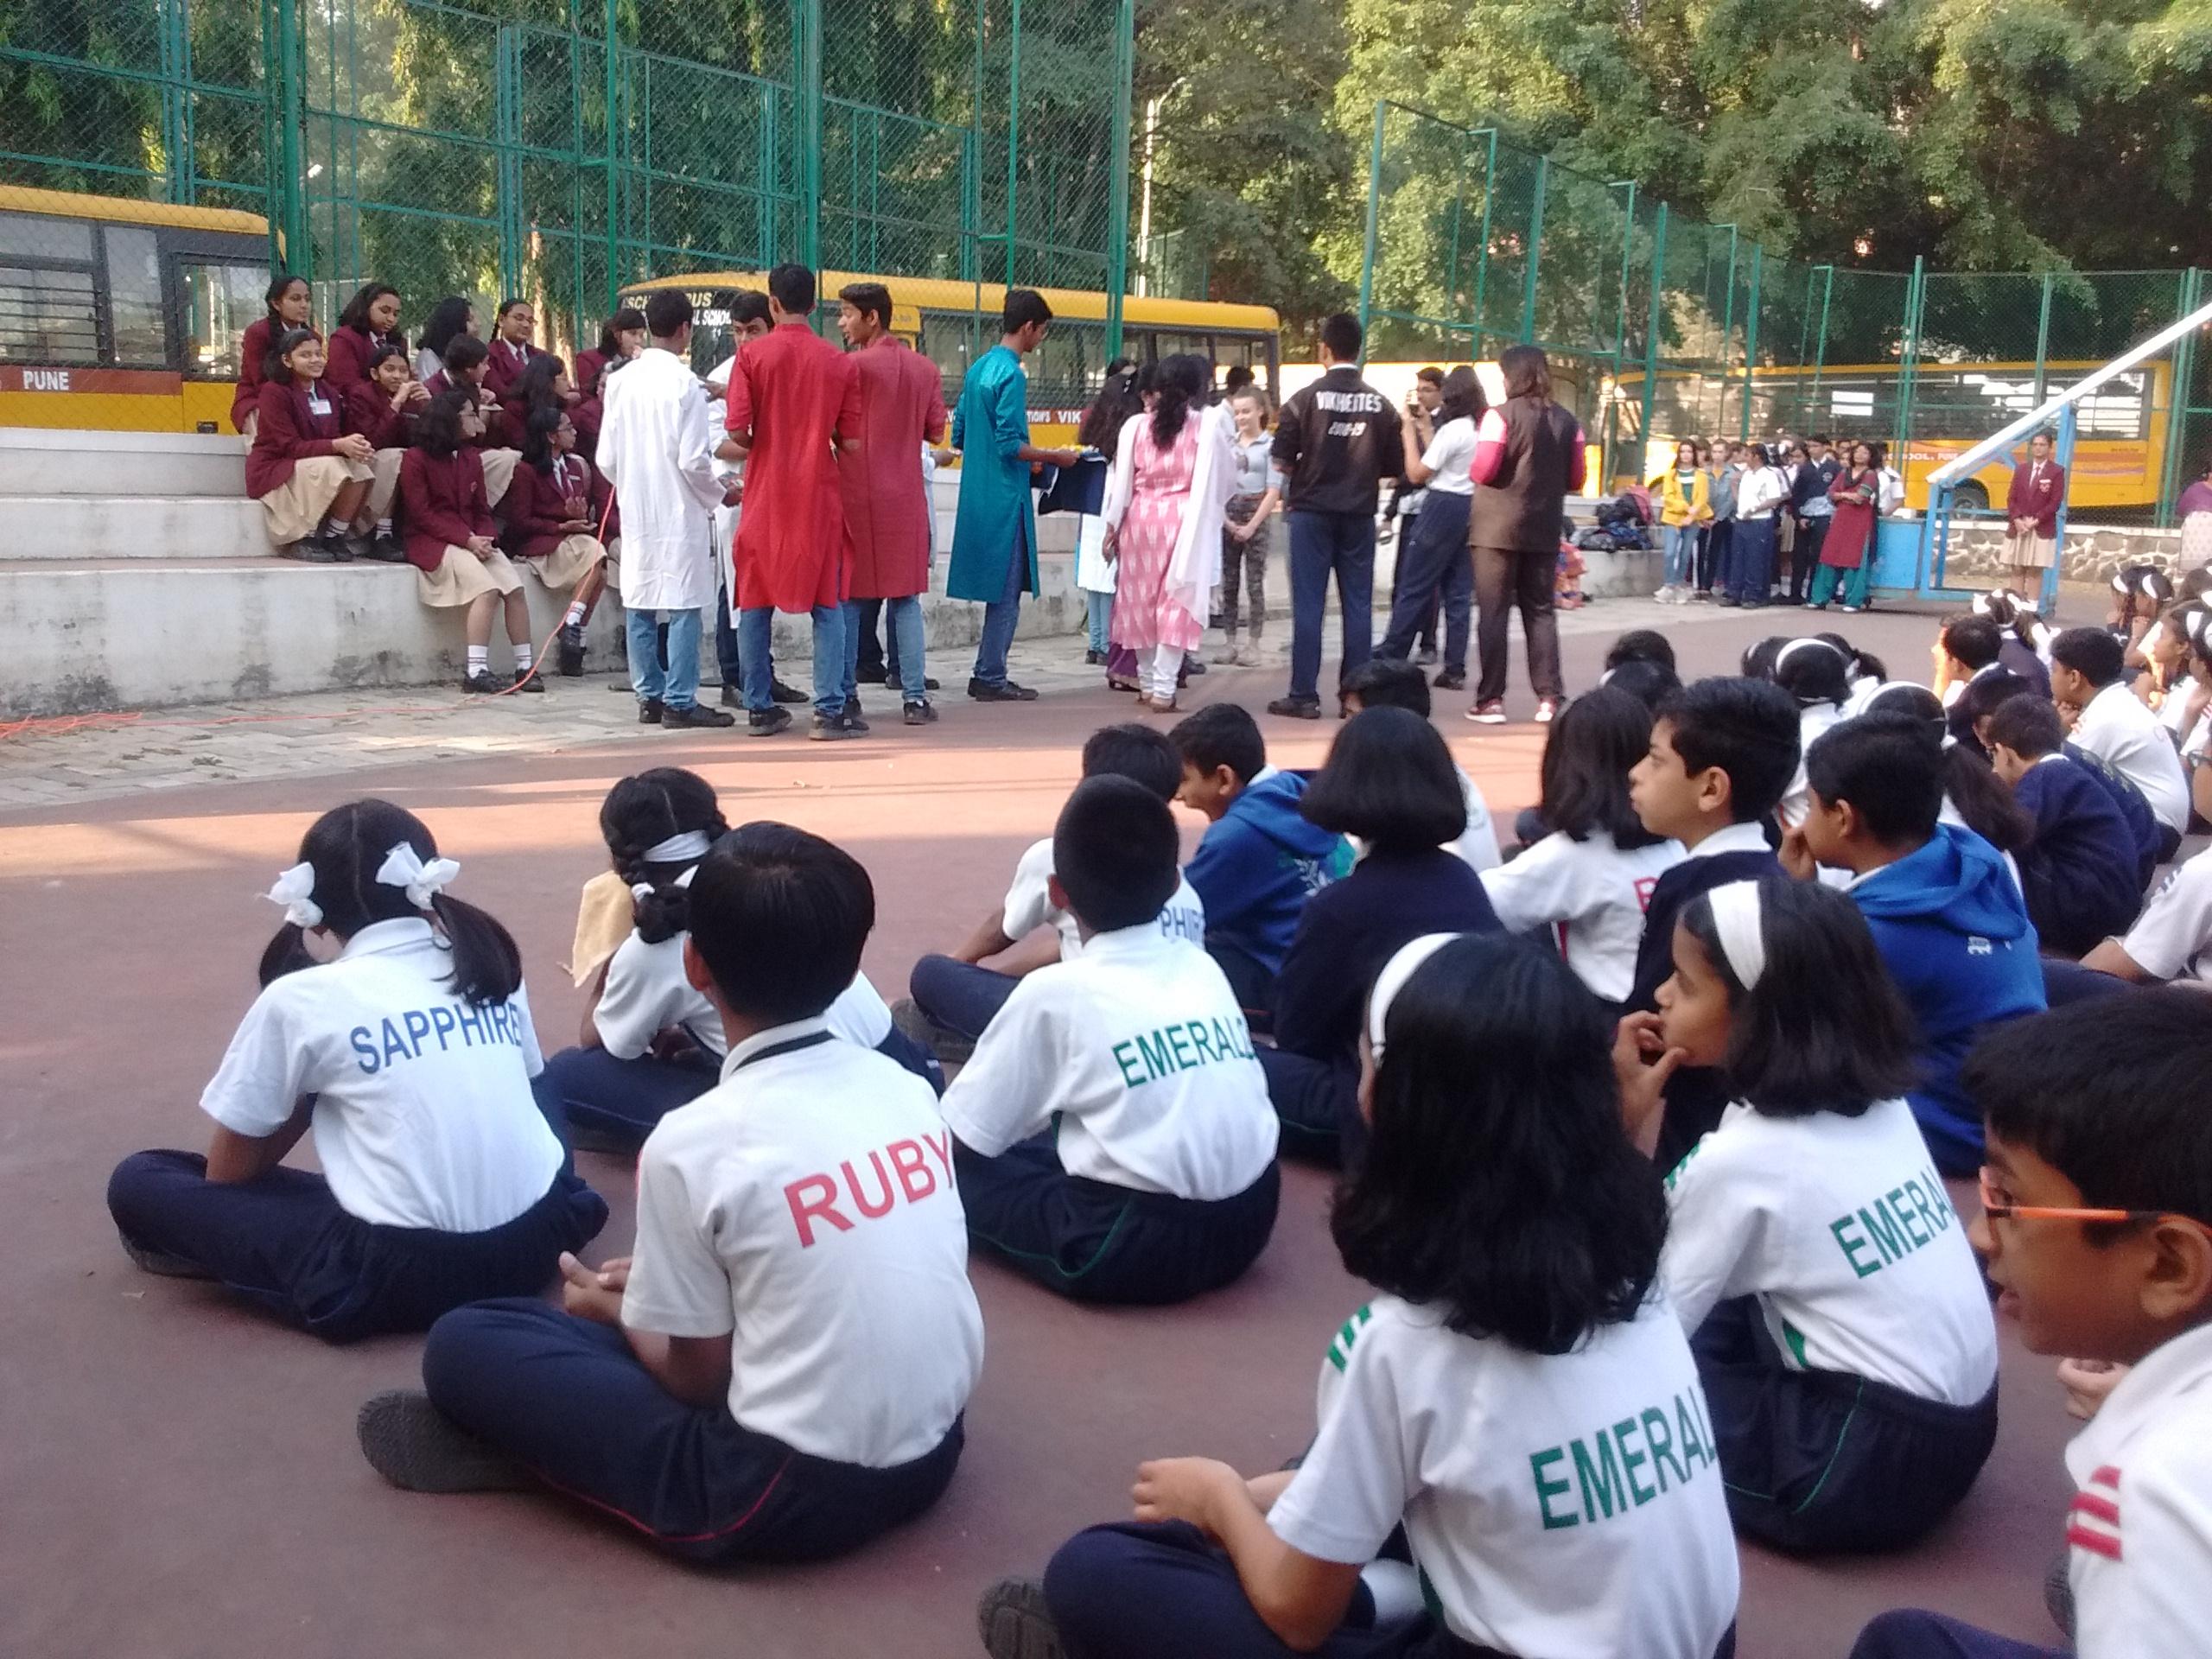 Les élèves de VPMS, nos correspondants indiens